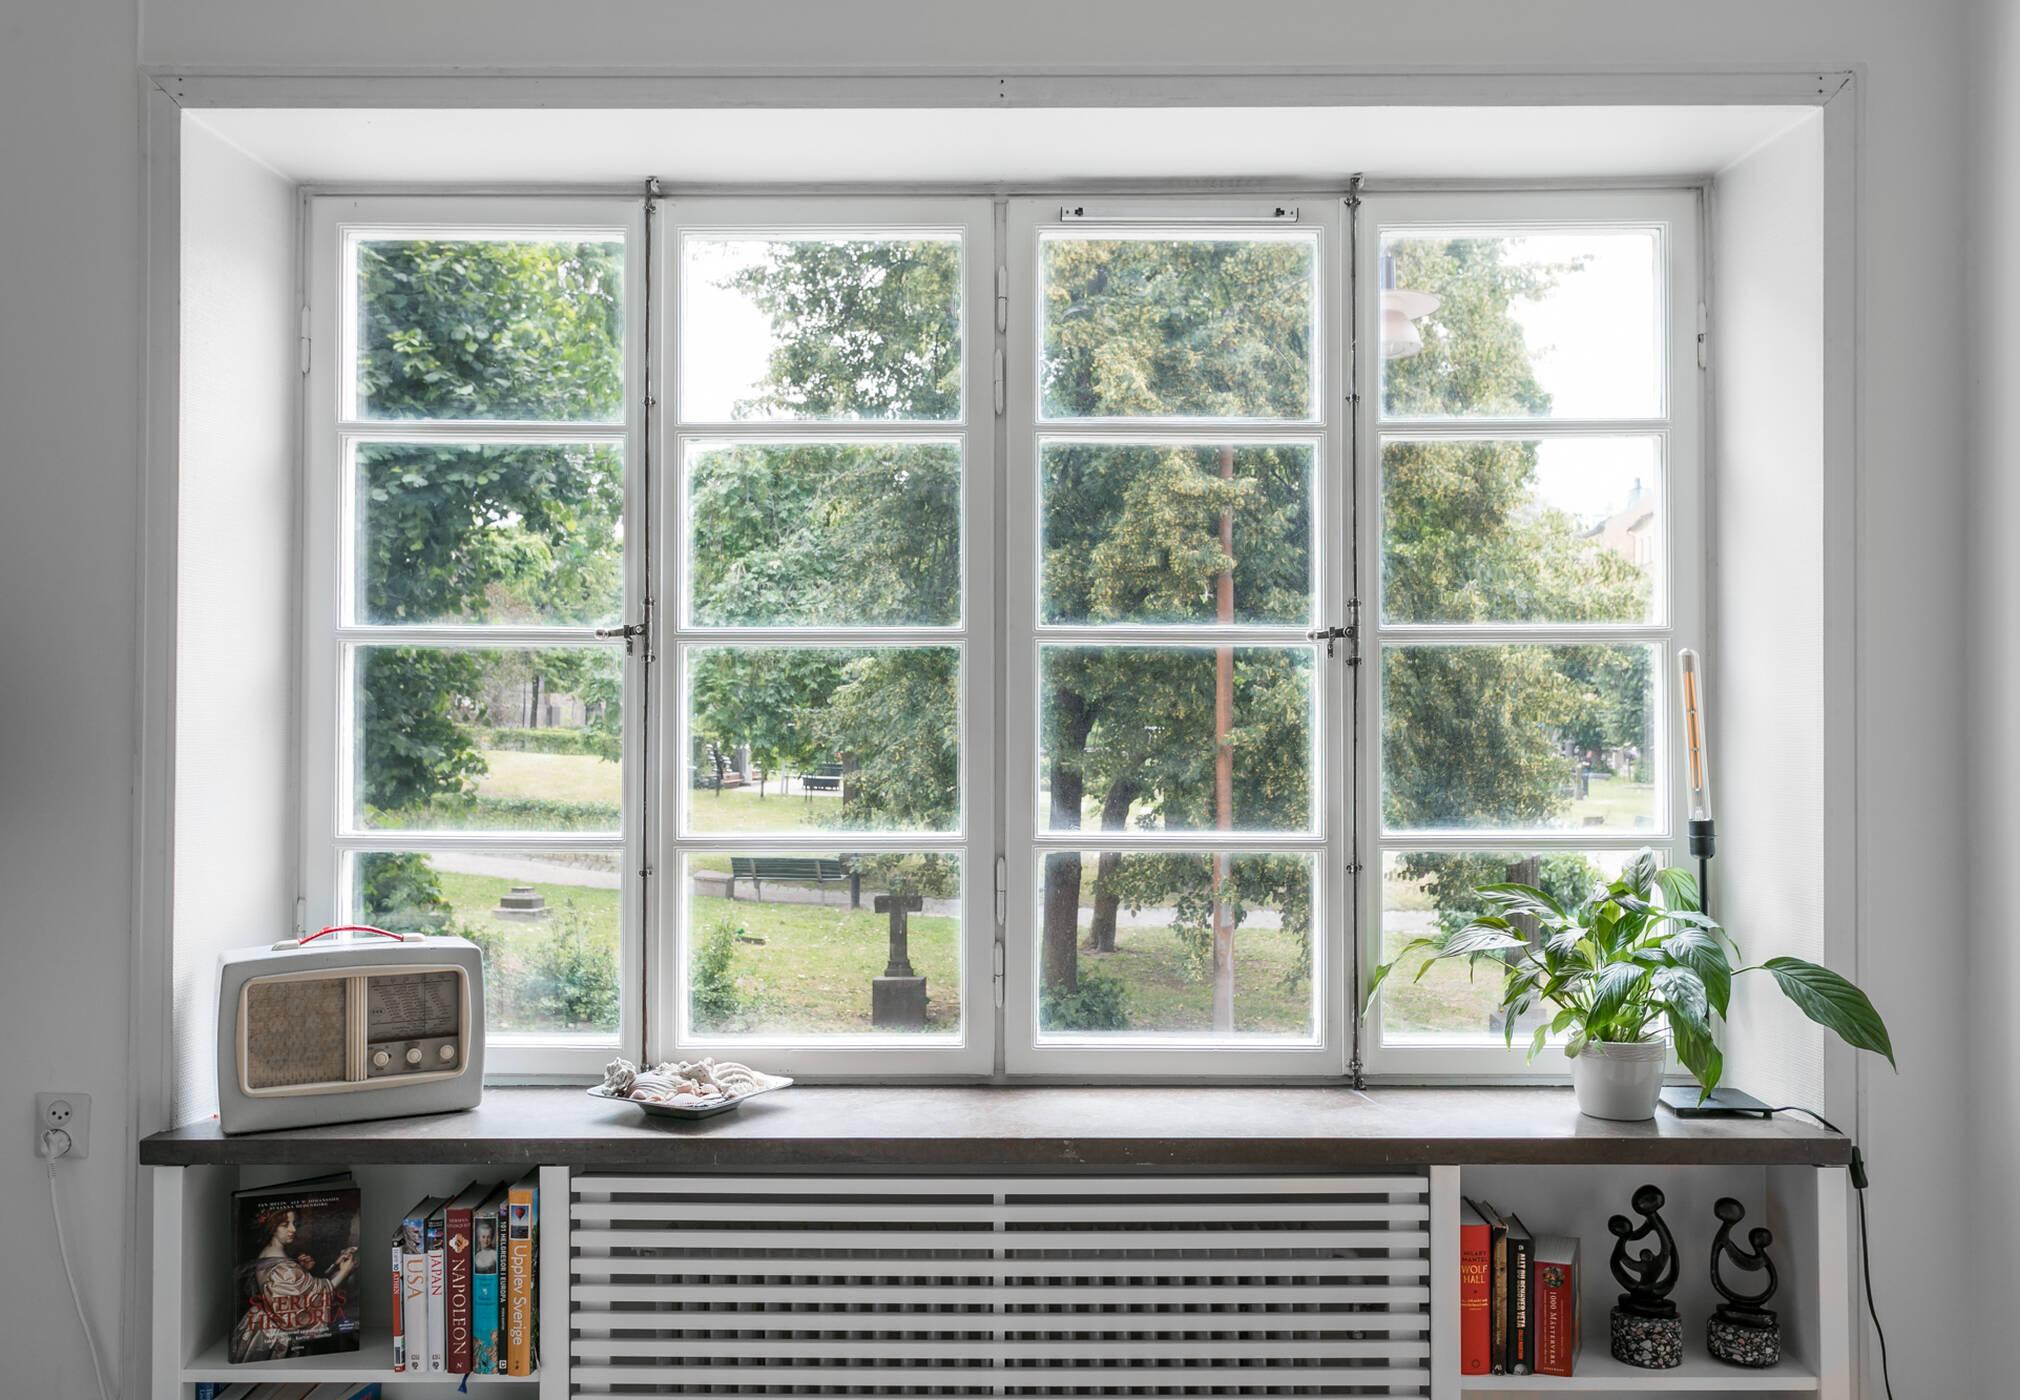 Utsikt från vardagsrumsfönster